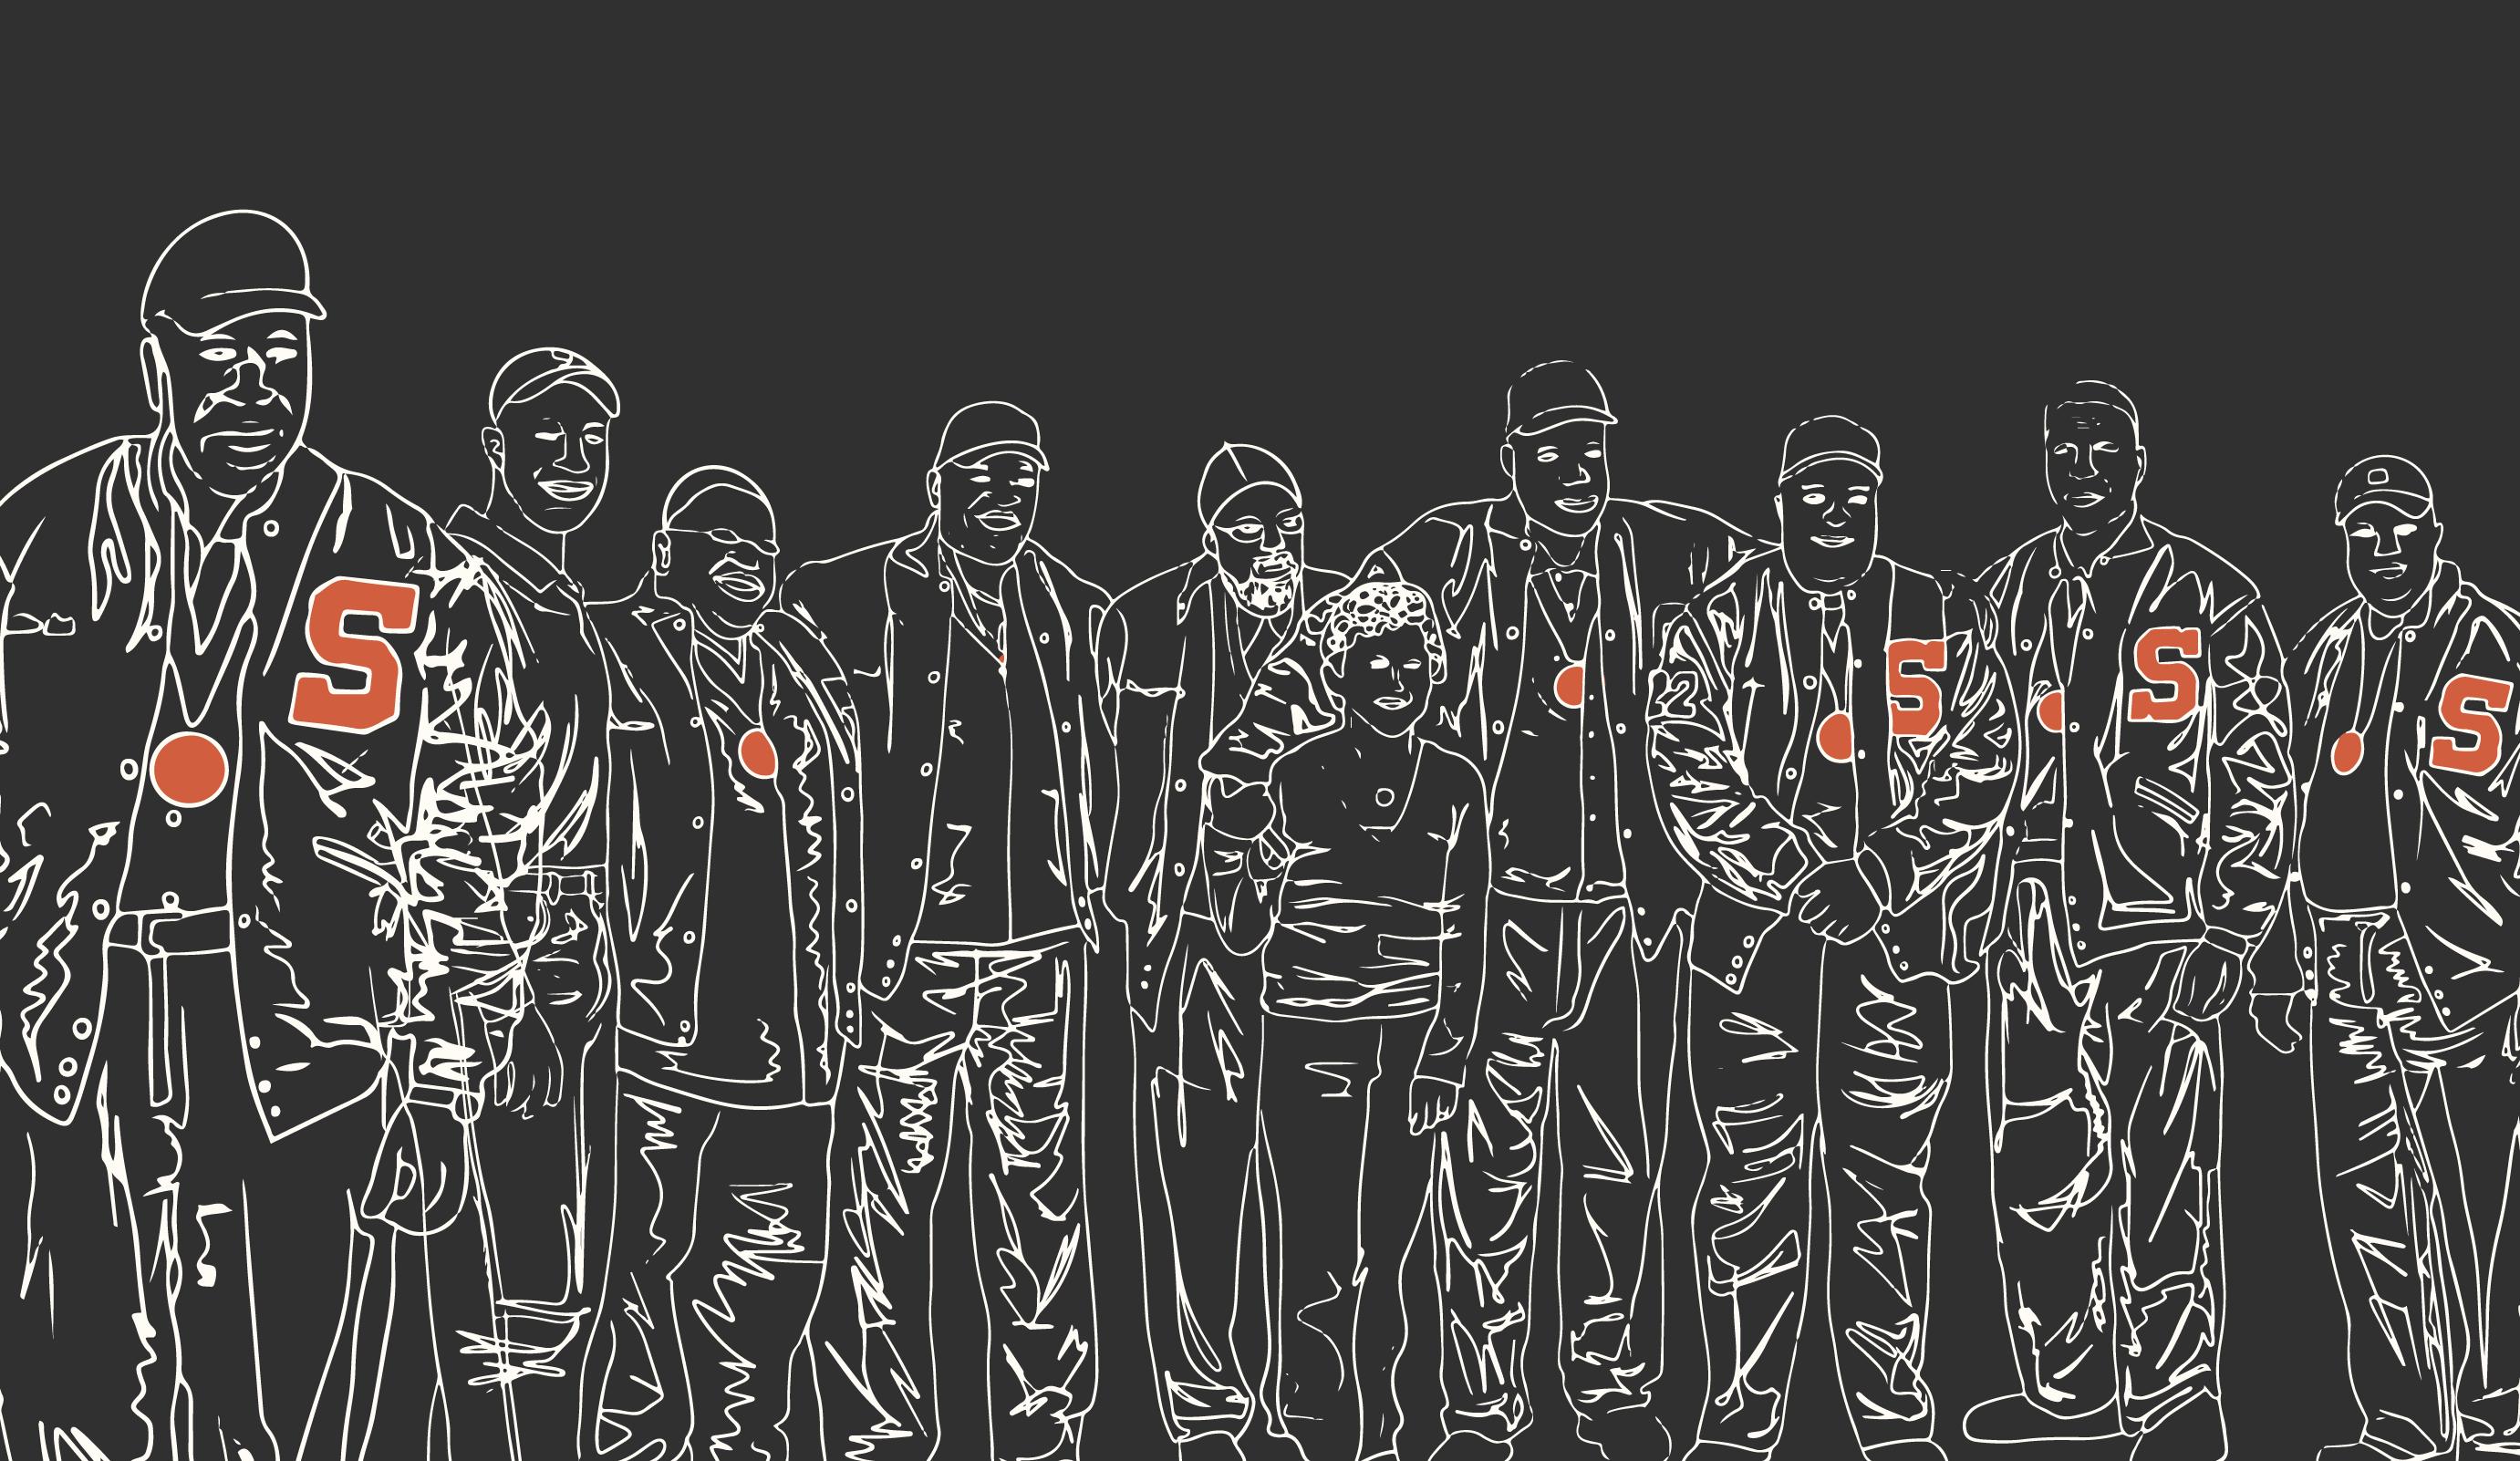 Illustration of Syracuse 8 football players